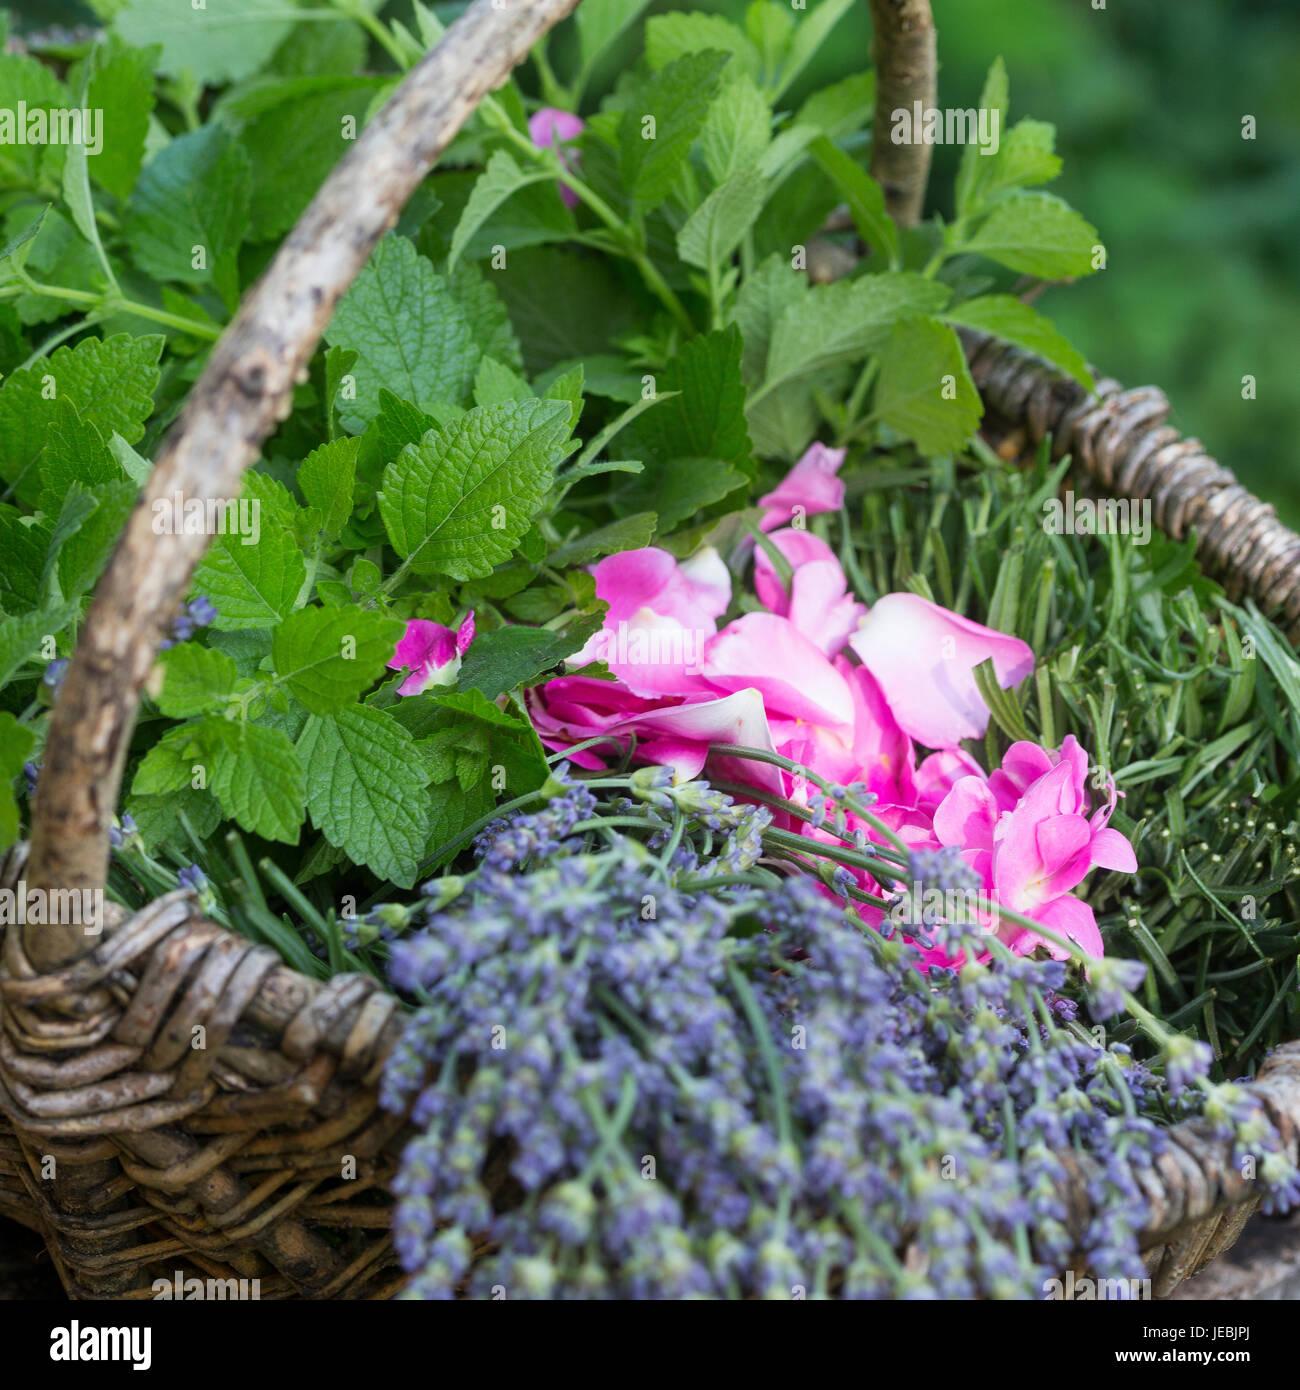 Apothekerrose, Zitronenmelisse, Lavendel als Zutaten für einen Beruhigungstee, Tee, Kräutertee, Heiltee, Kräuterernte Stock Photo